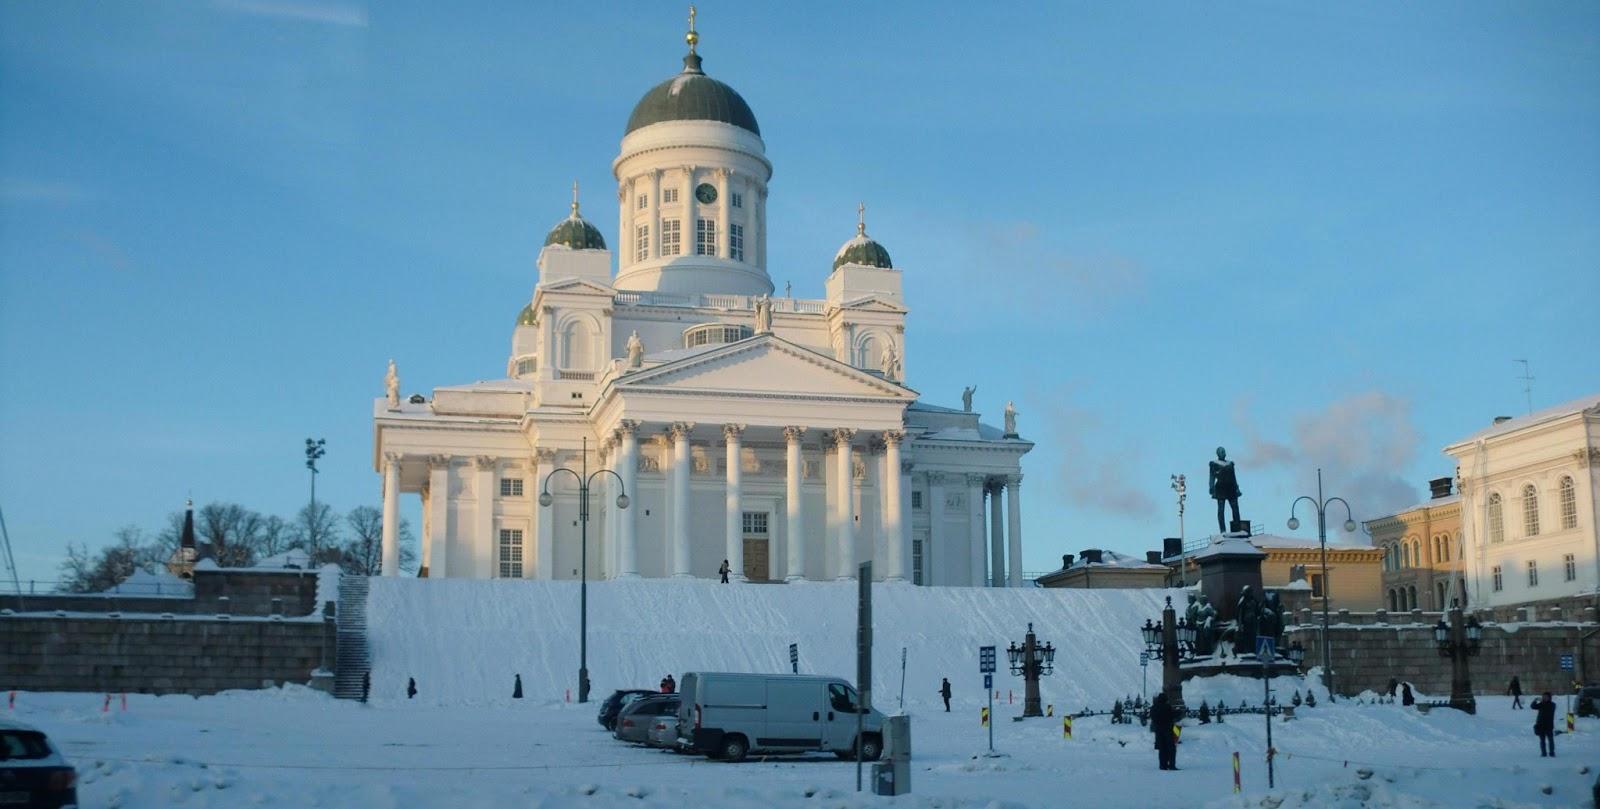 himokas nainen finnish mature